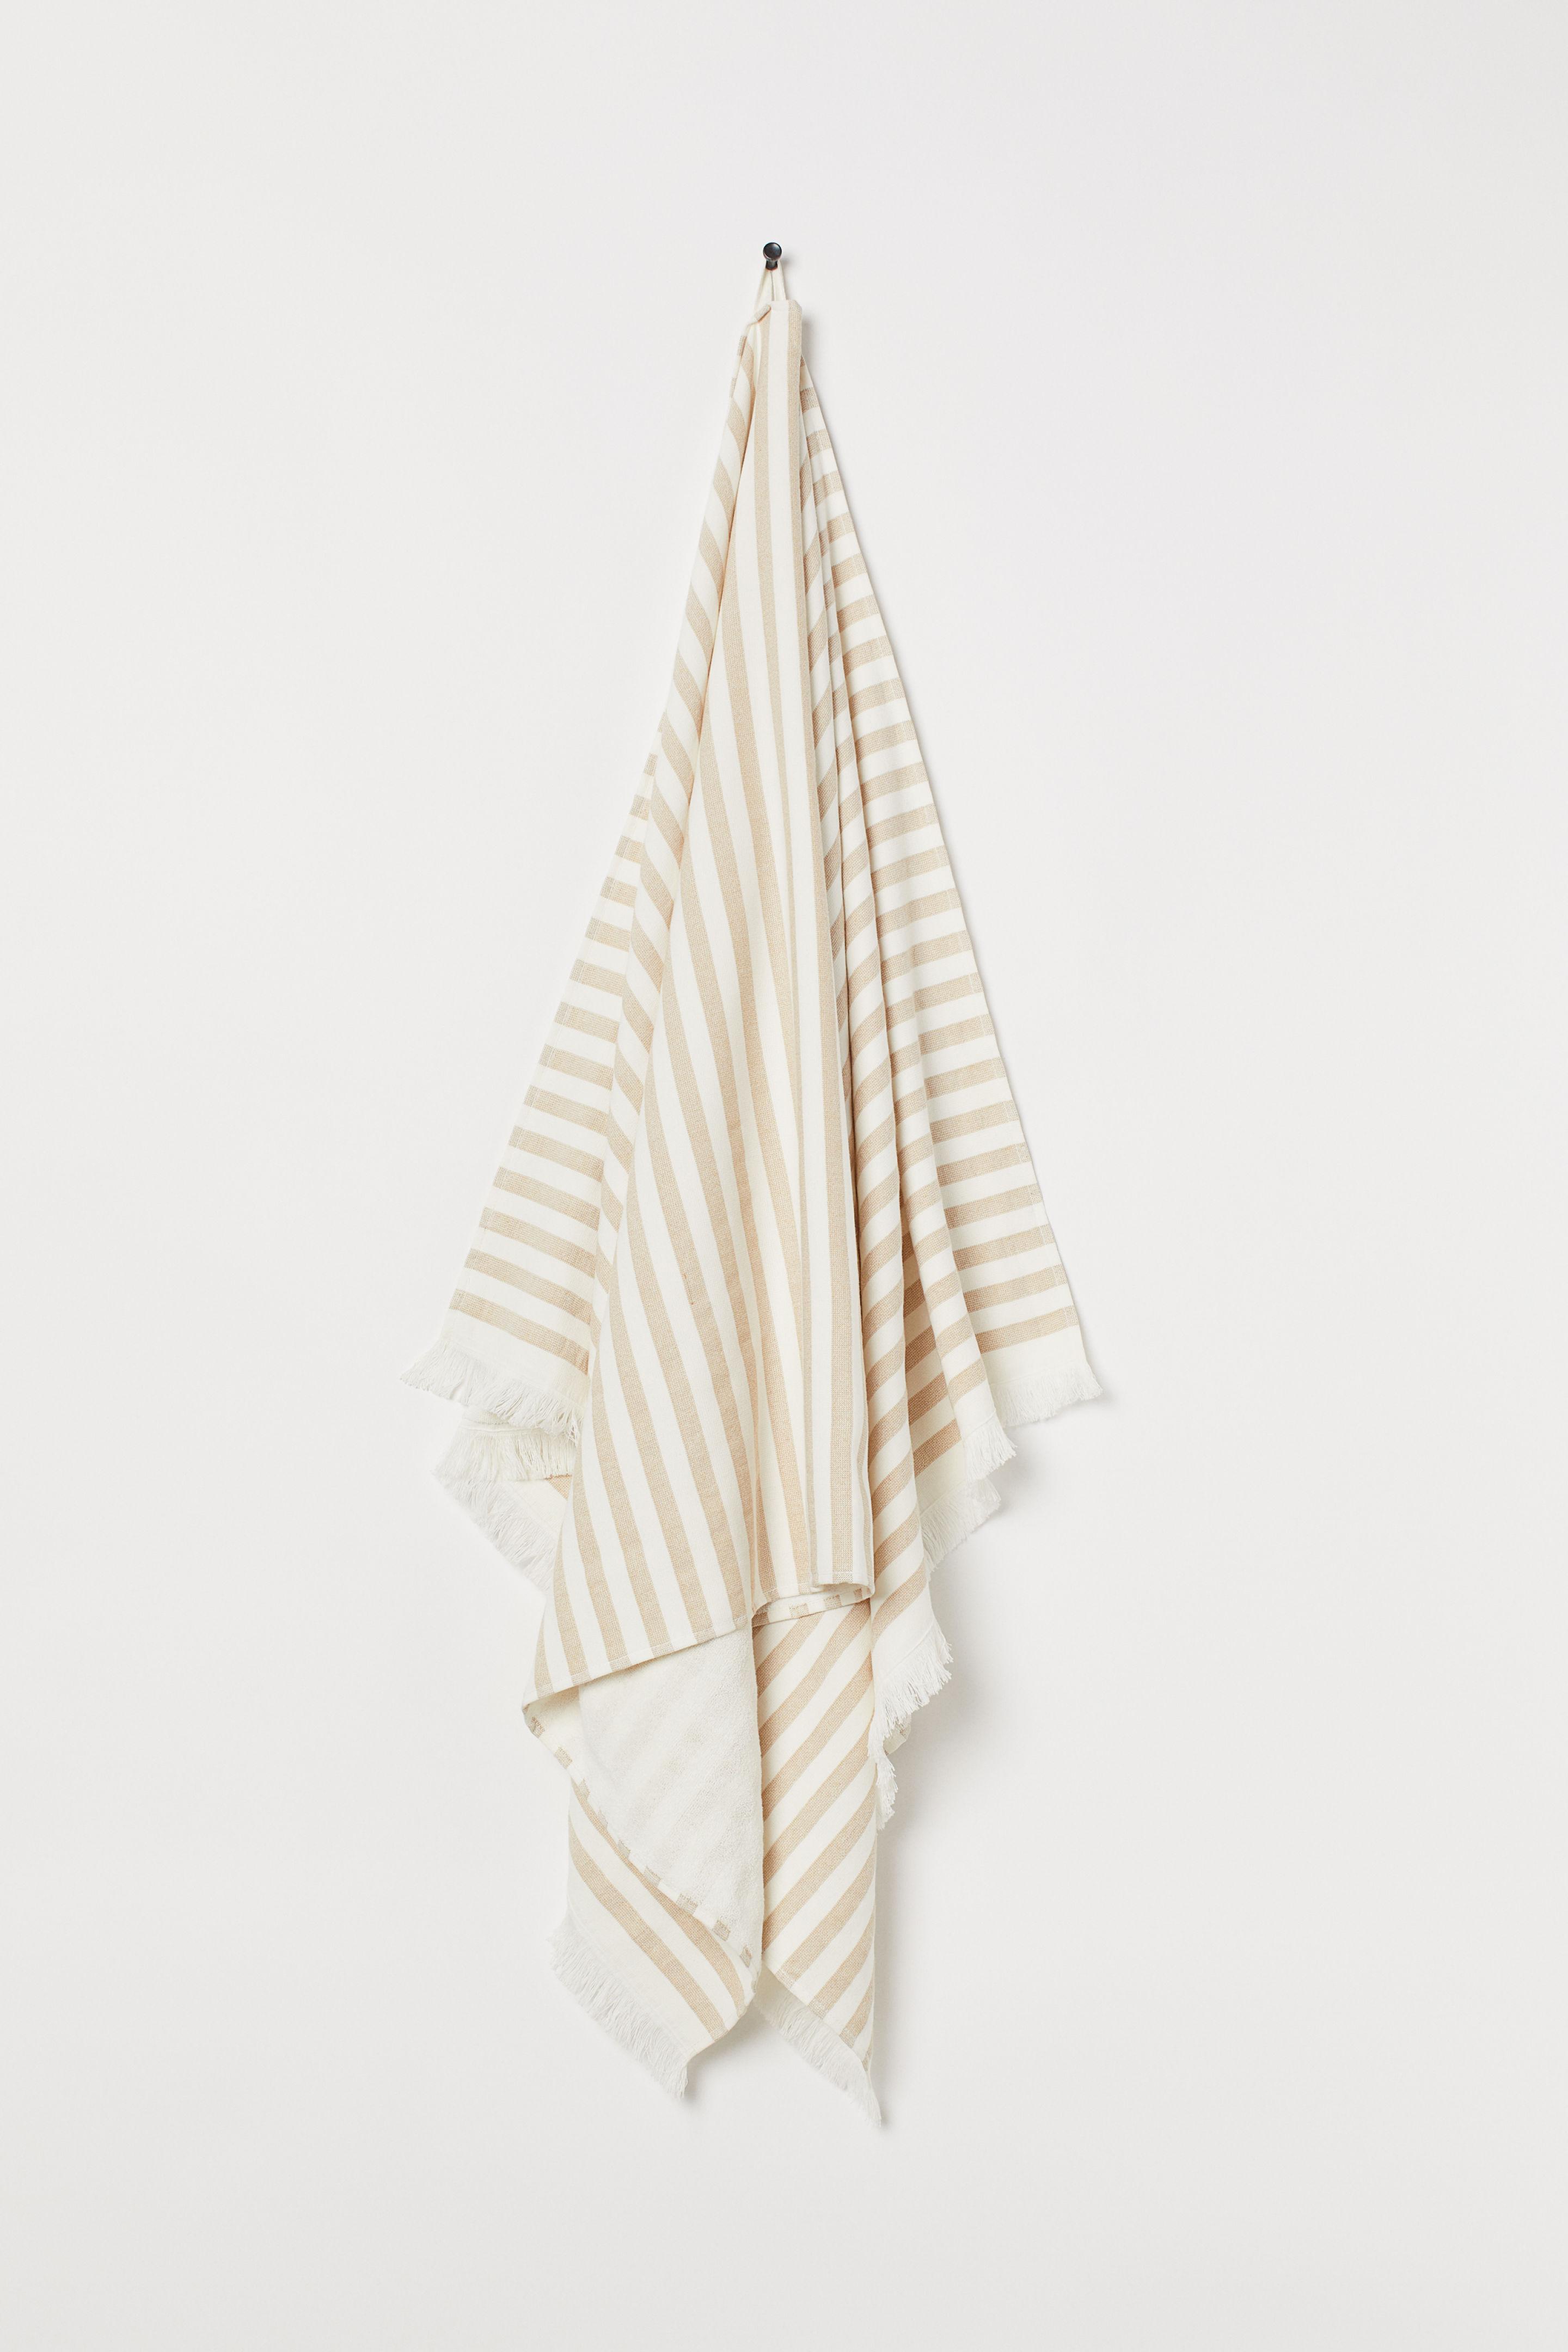 Плажна кърпа от тъкана раирана материя и памучна задна част H&M, 24,99лв.